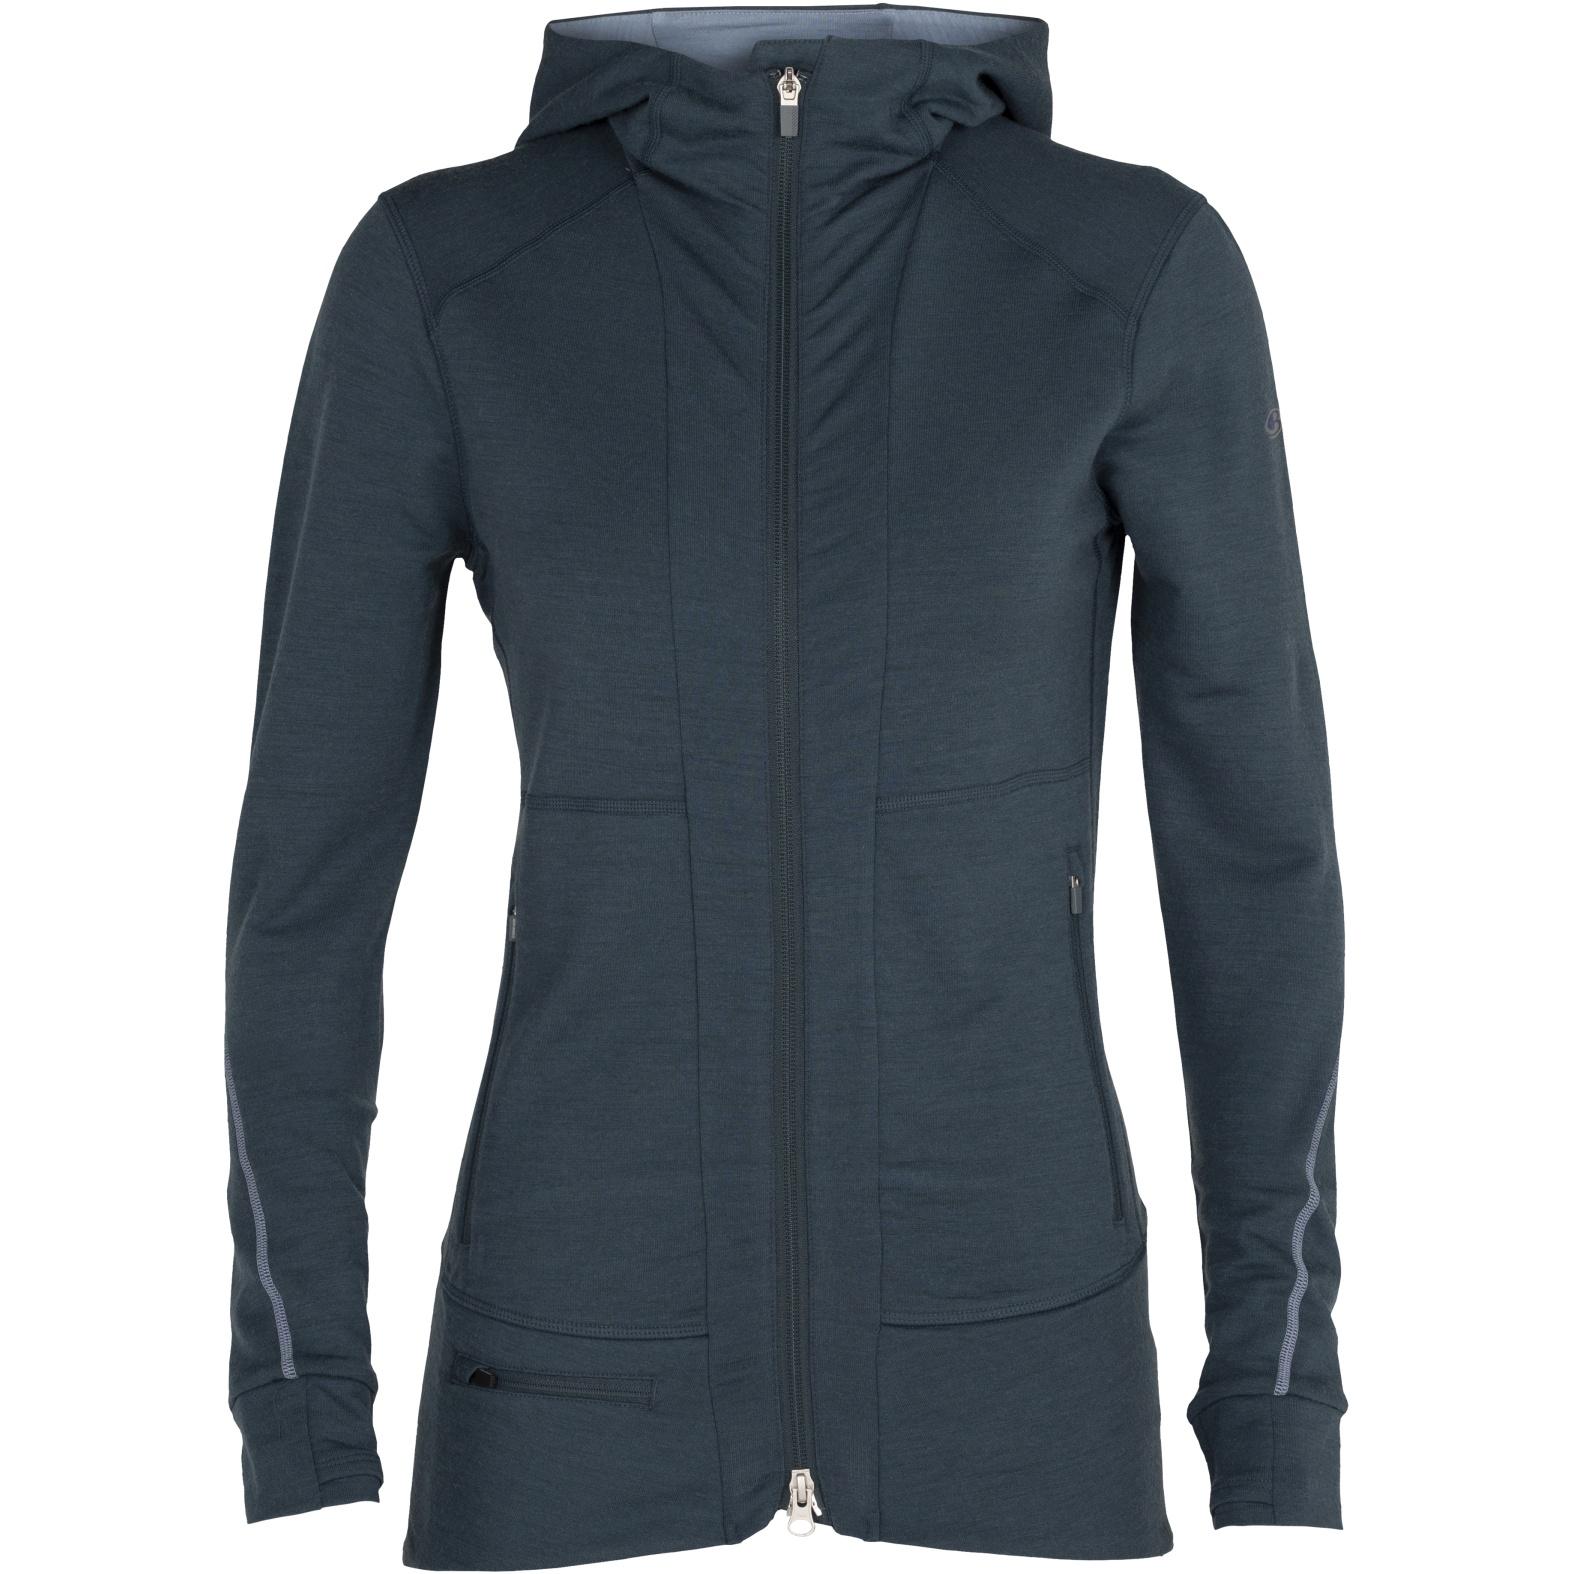 Produktbild von Icebreaker Quantum II Zip Hood Damen Kapuzenjacke - Serene Blue